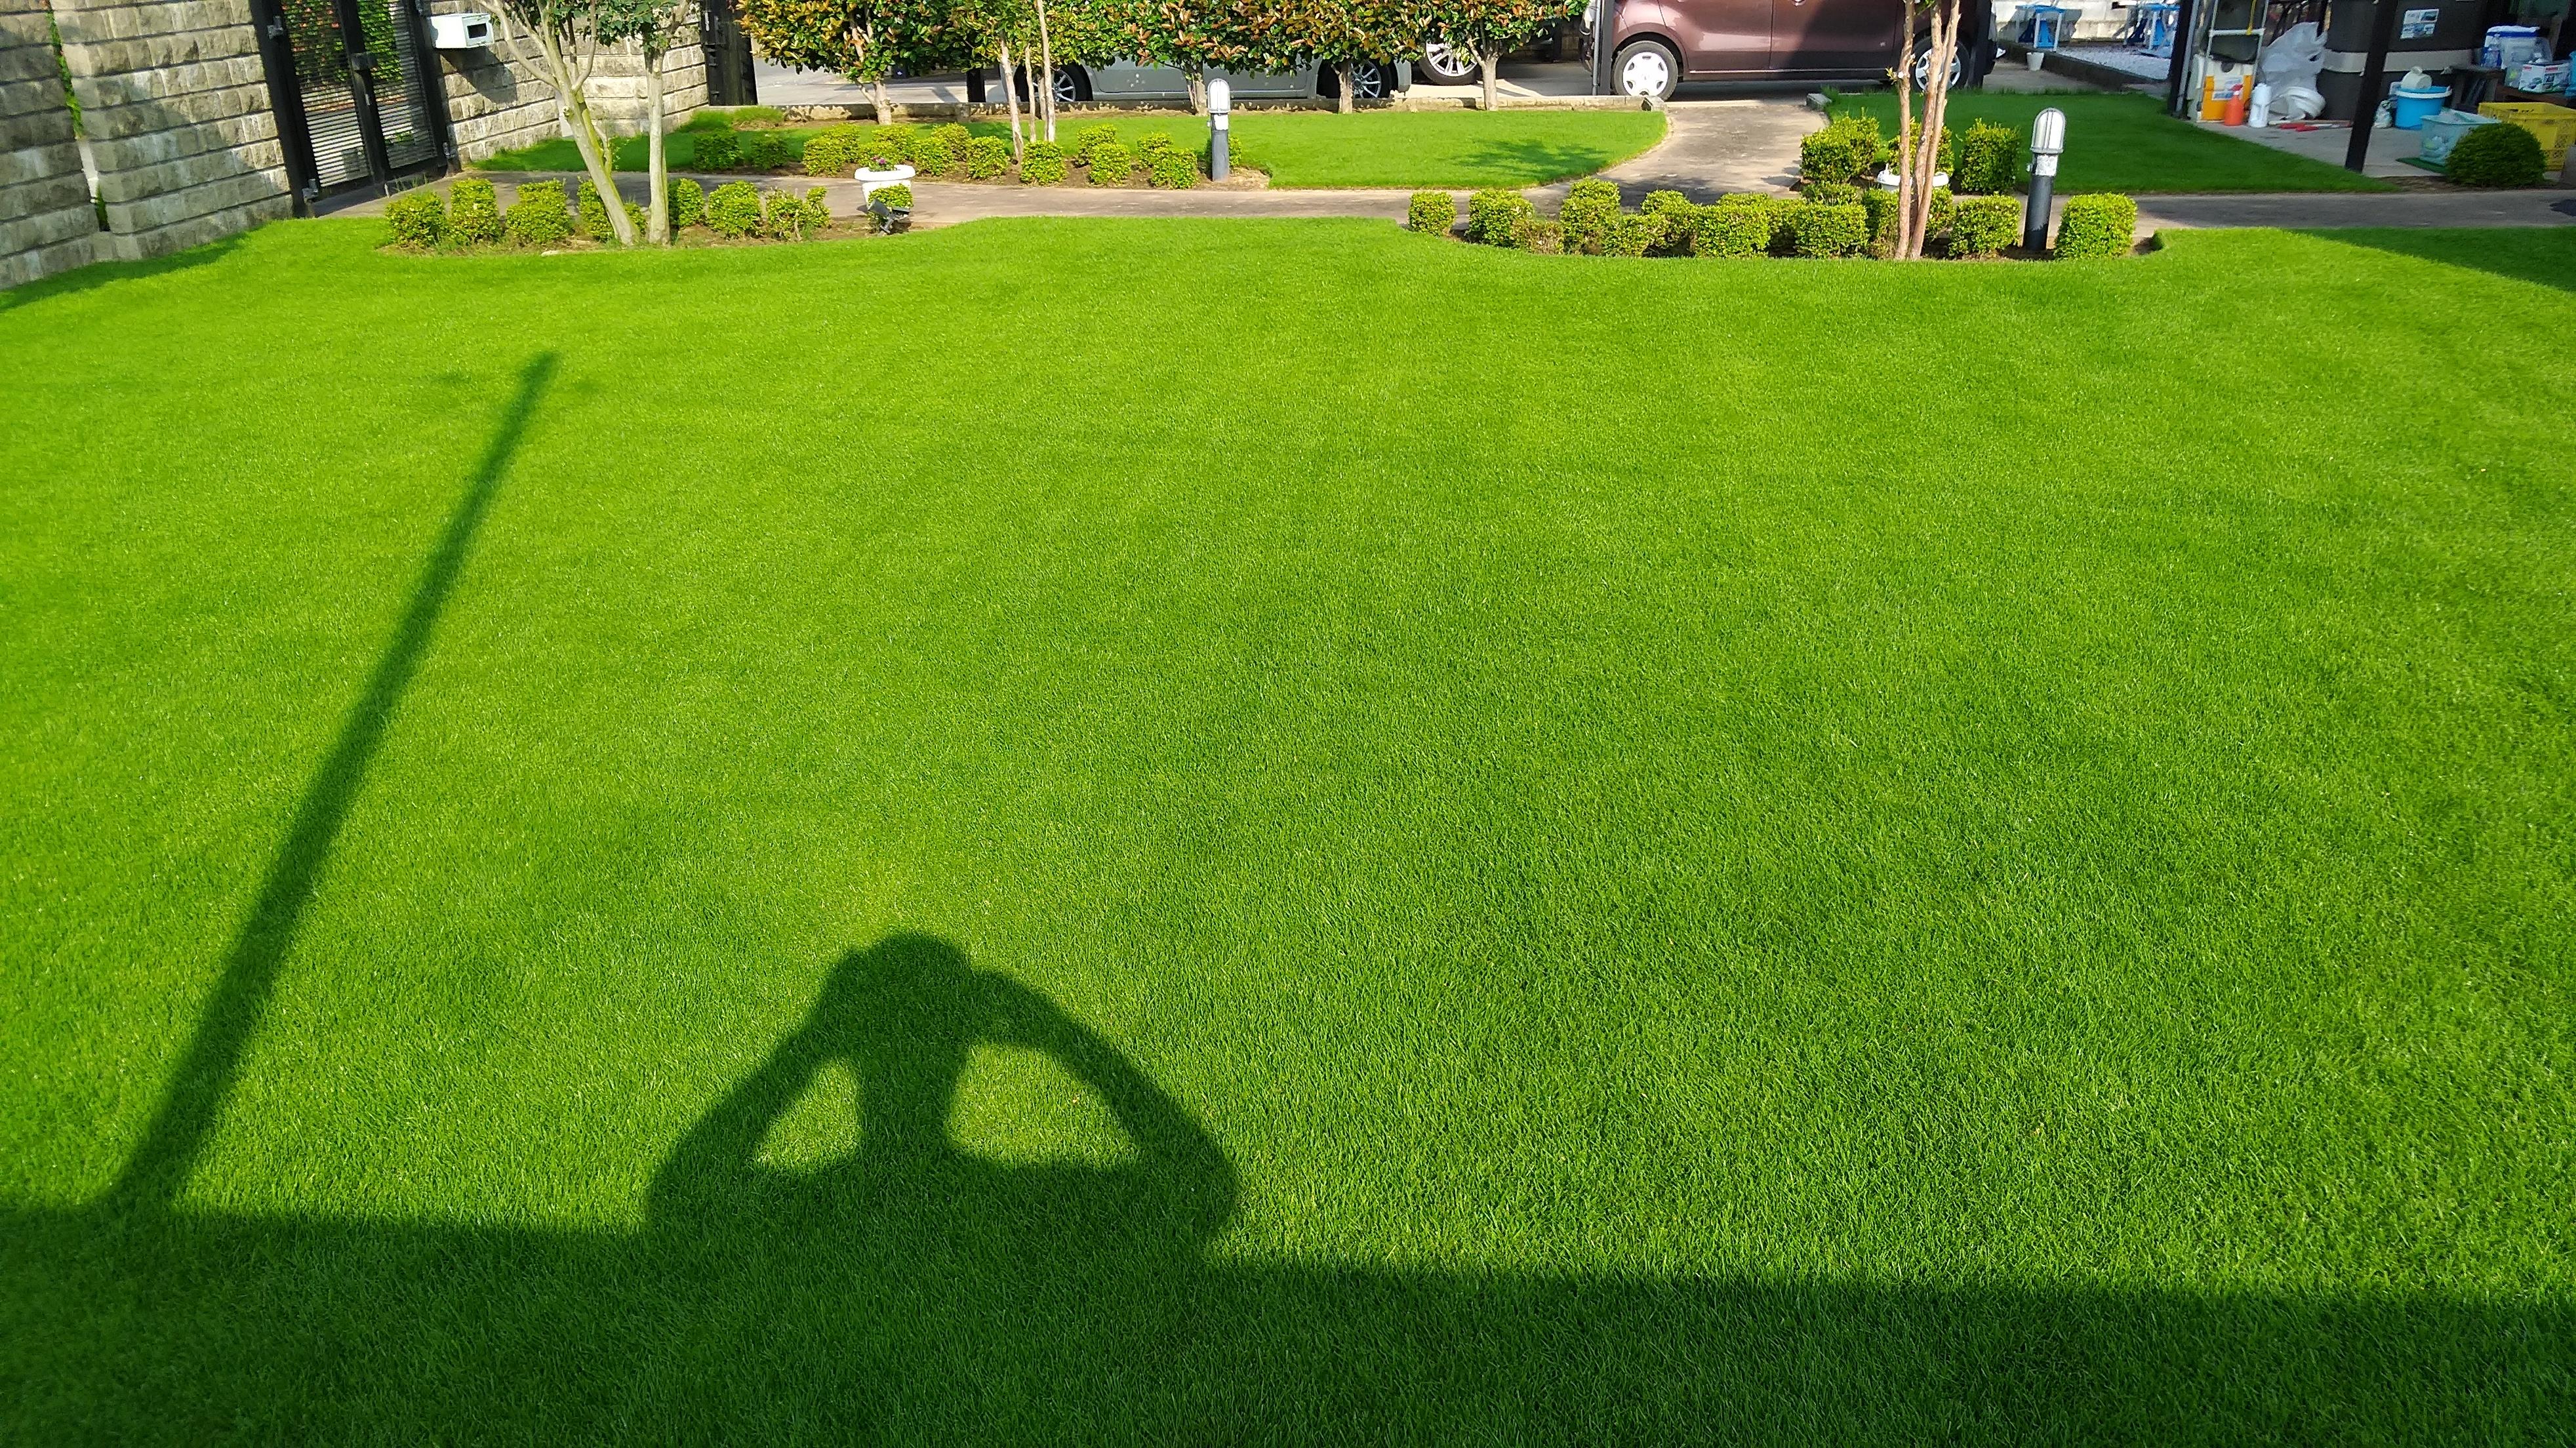 芝生の猛暑対策!夏枯れを防ごう😃✨